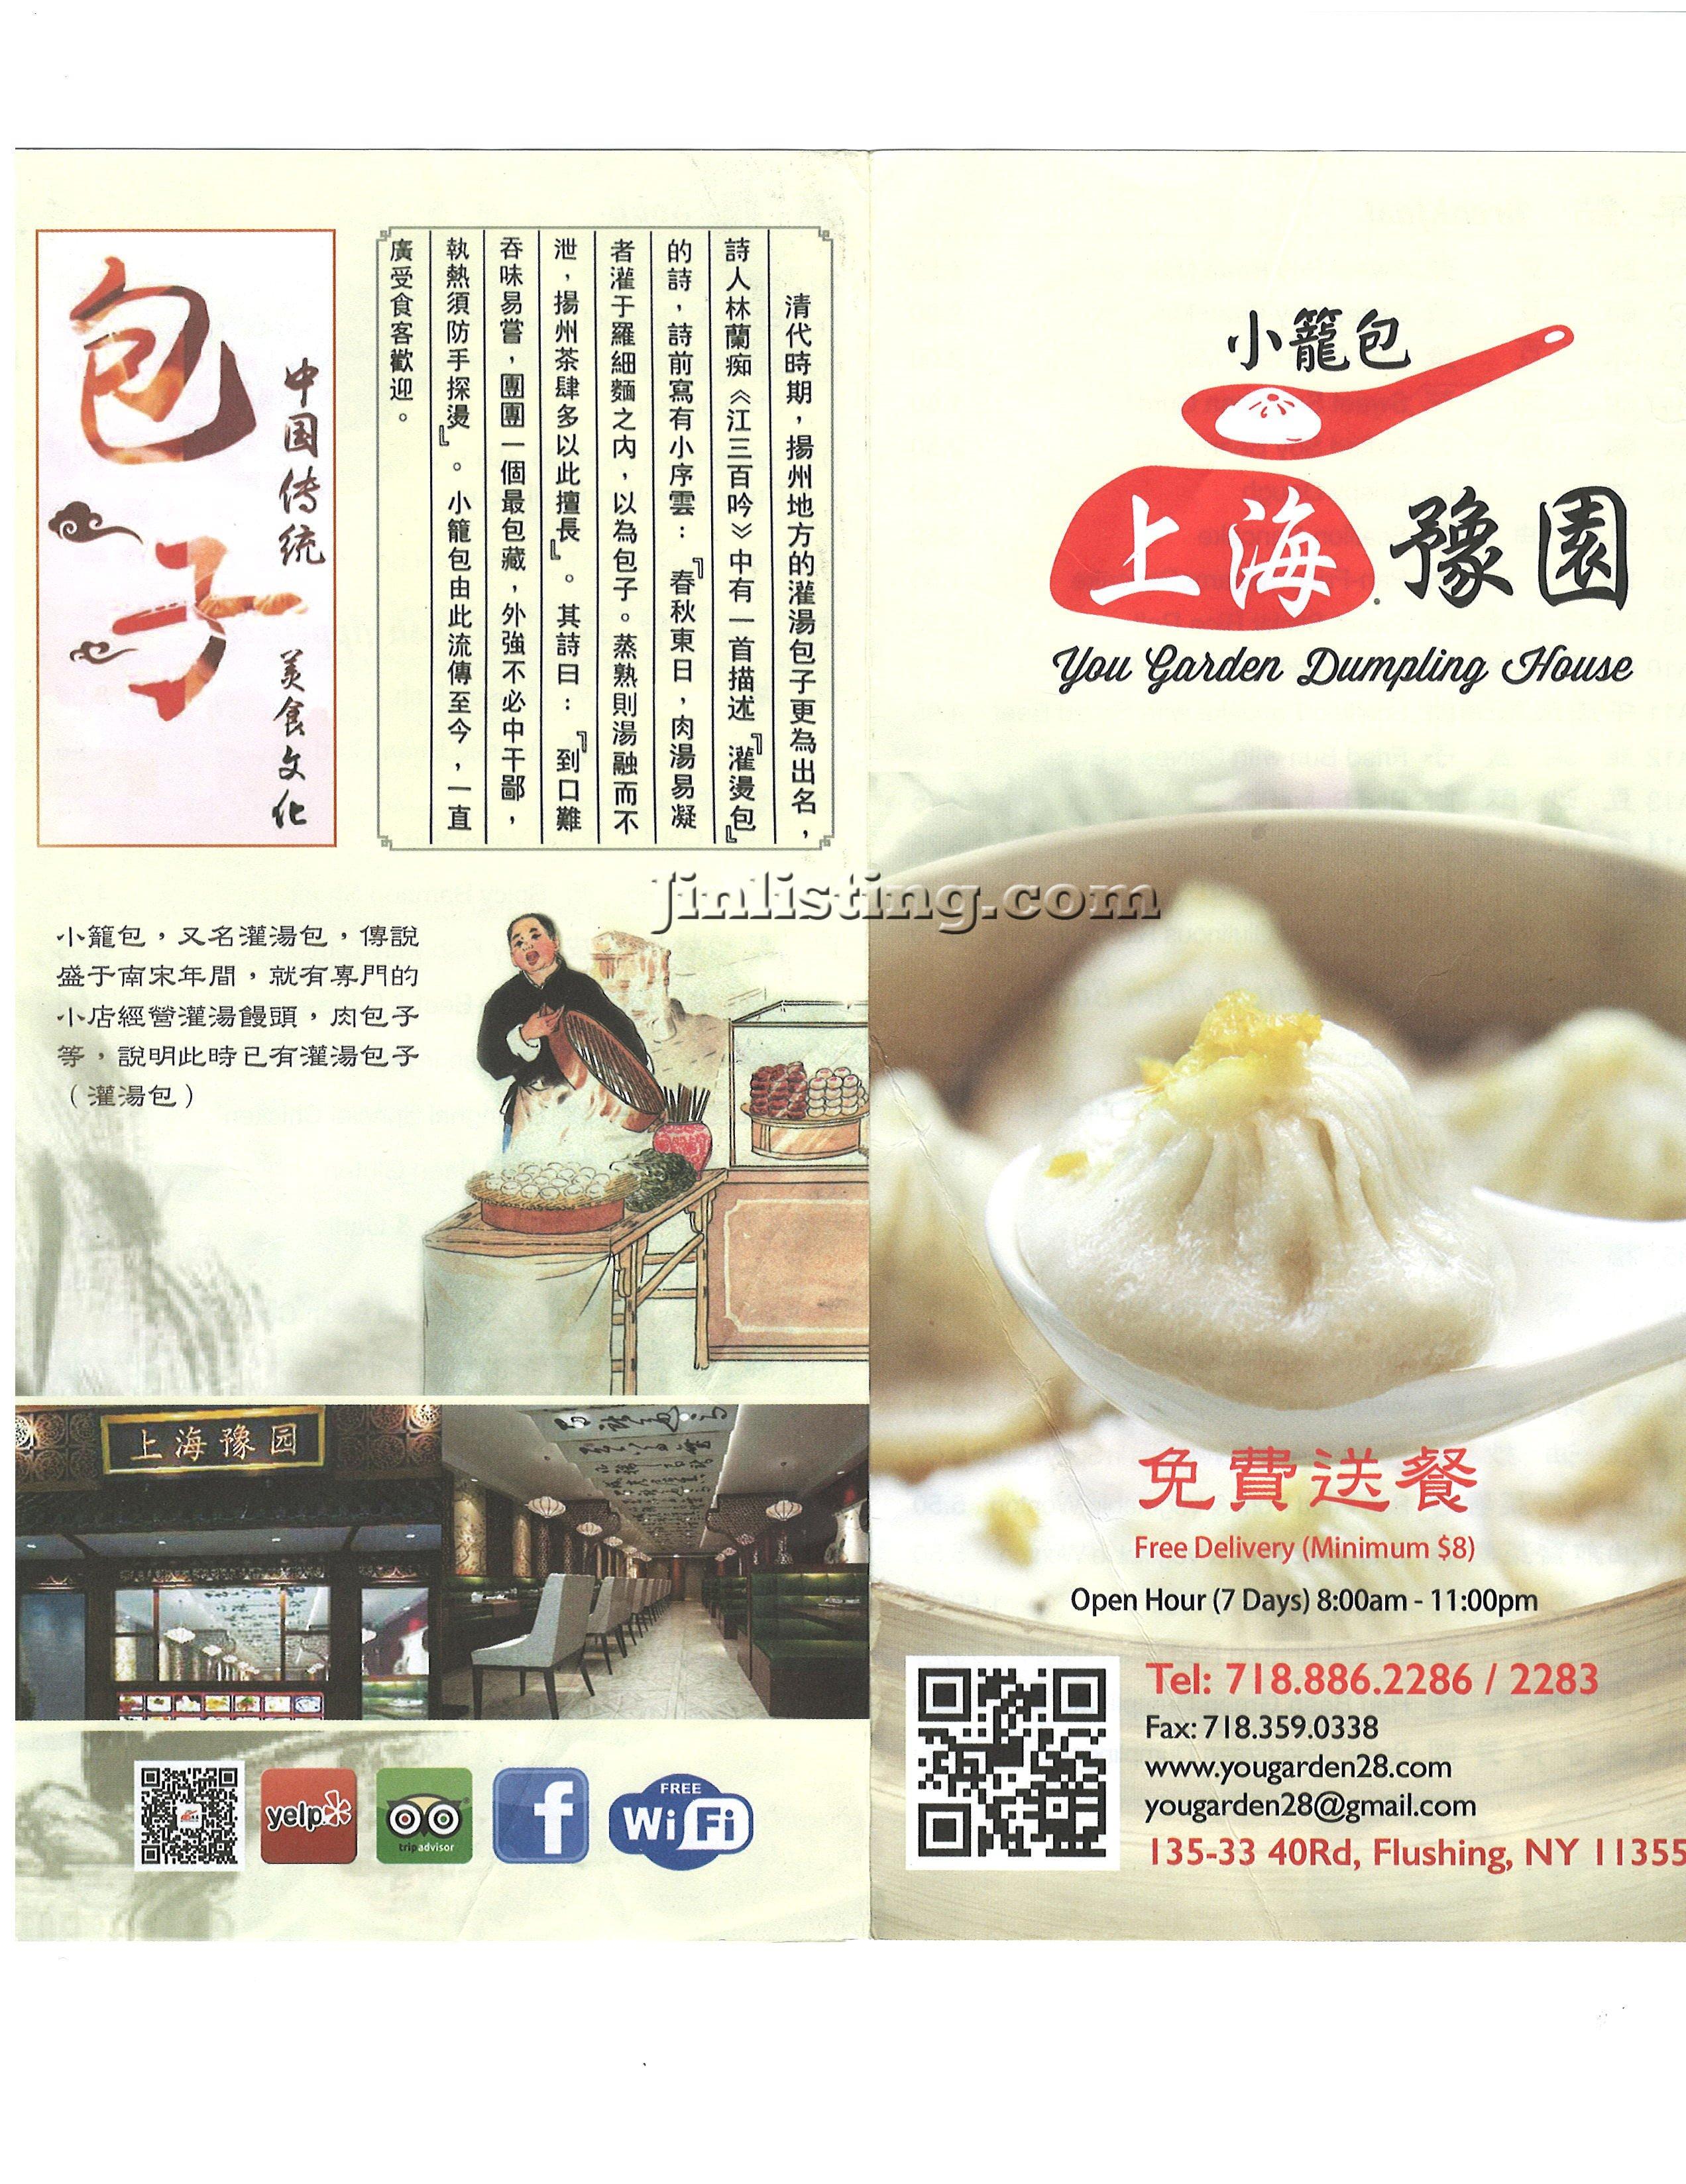 shanghaiyuyuan